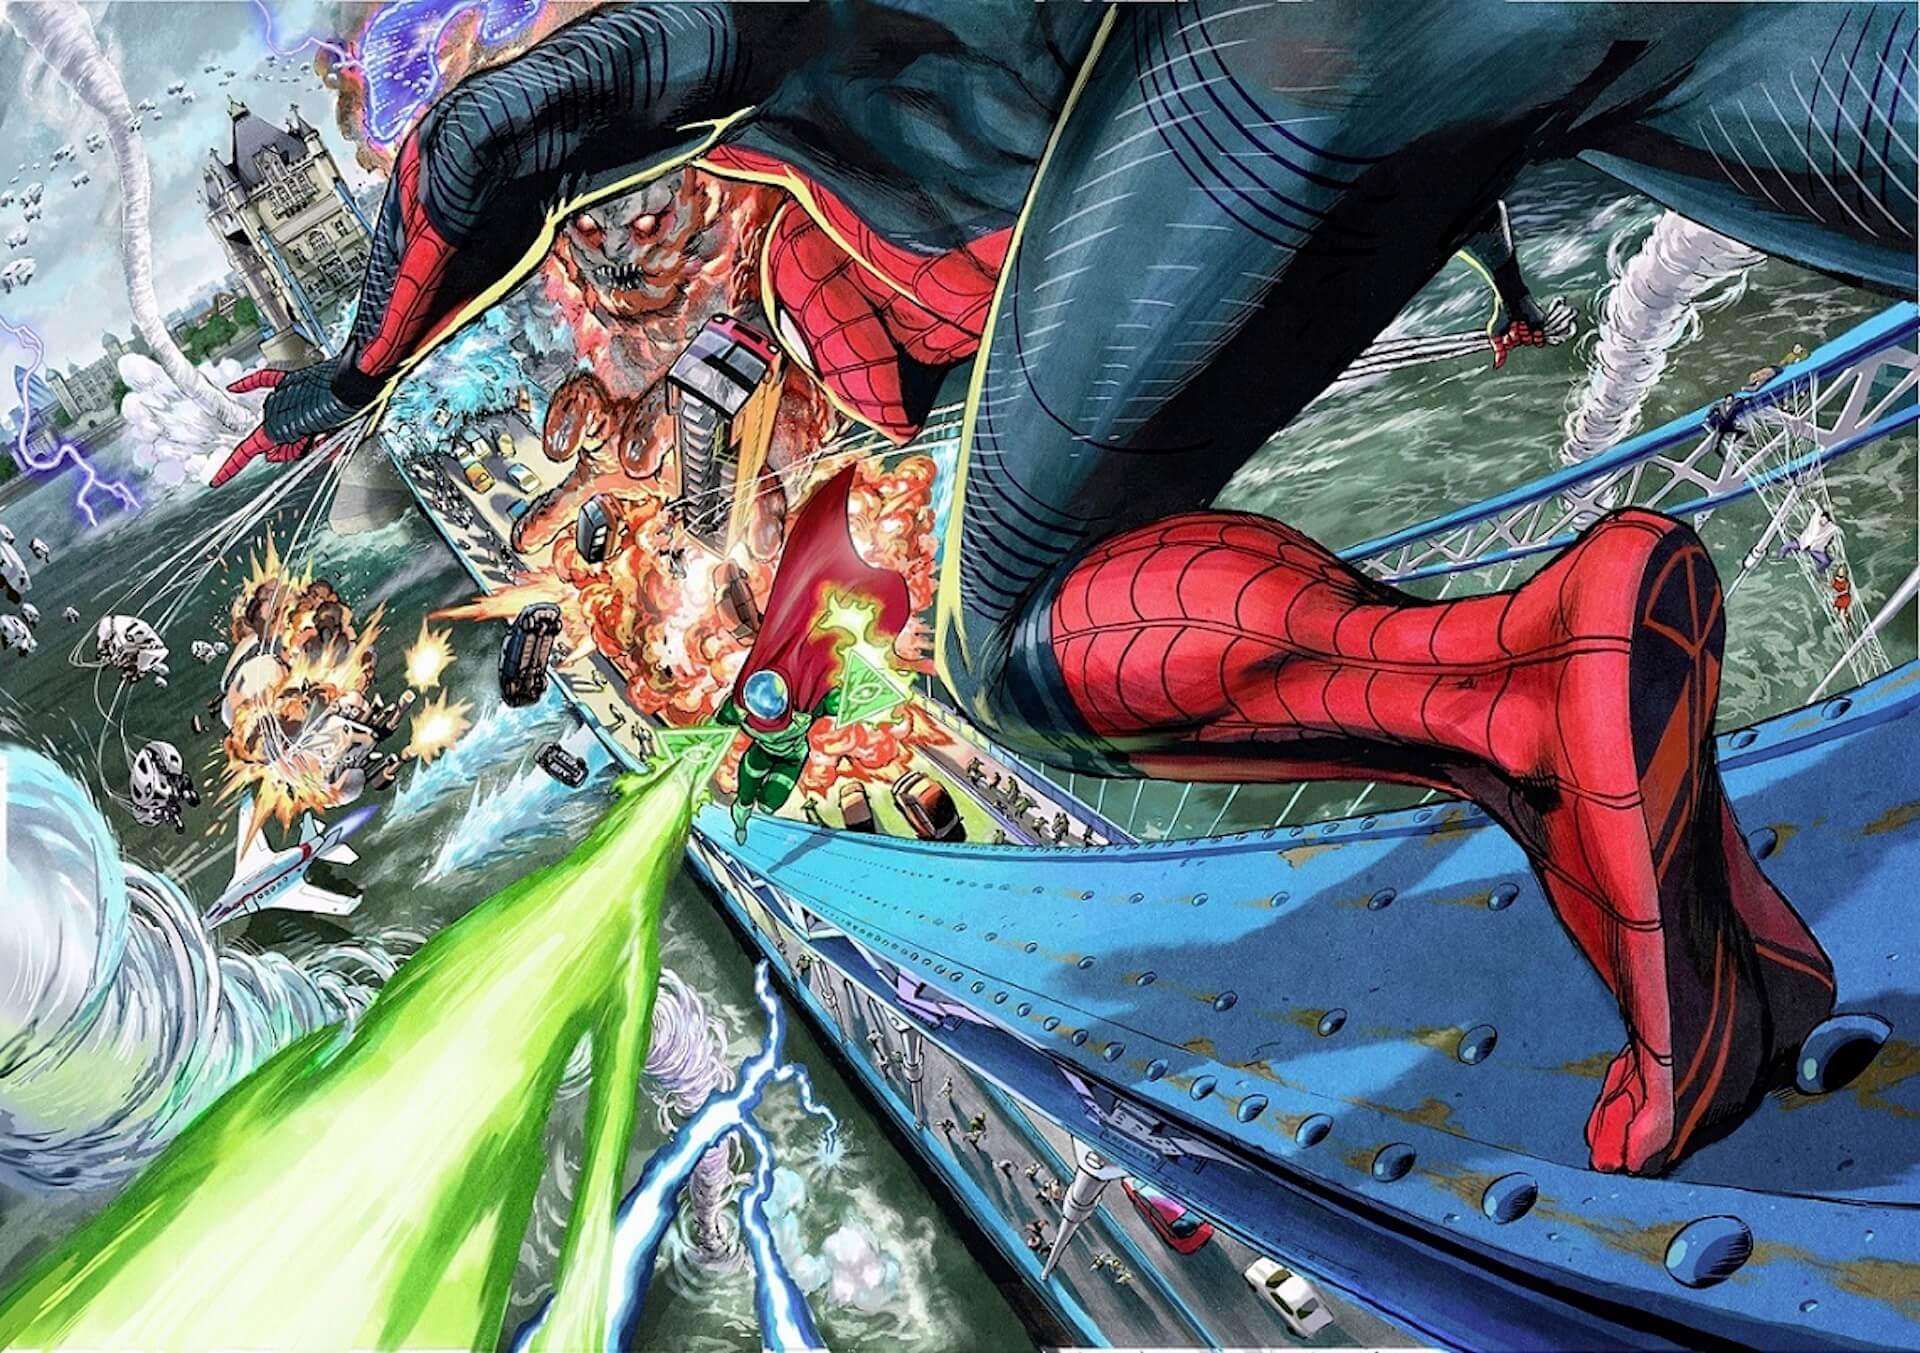 『ワンパンマン』村田雄介による『スパイダーマン:ファー・フロム・ホーム』の描きおろしアートがついに公開! film191025_sffh_dvd_main